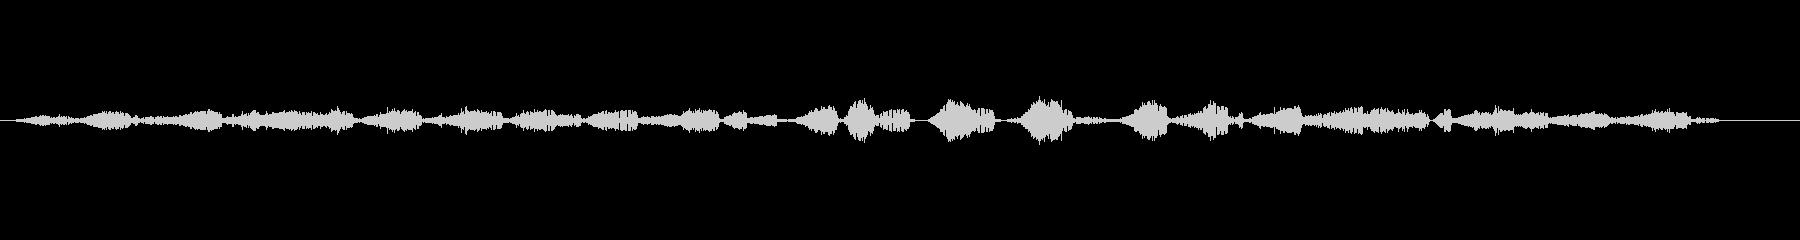 ムルシエラゴス-洞窟内の未再生の波形